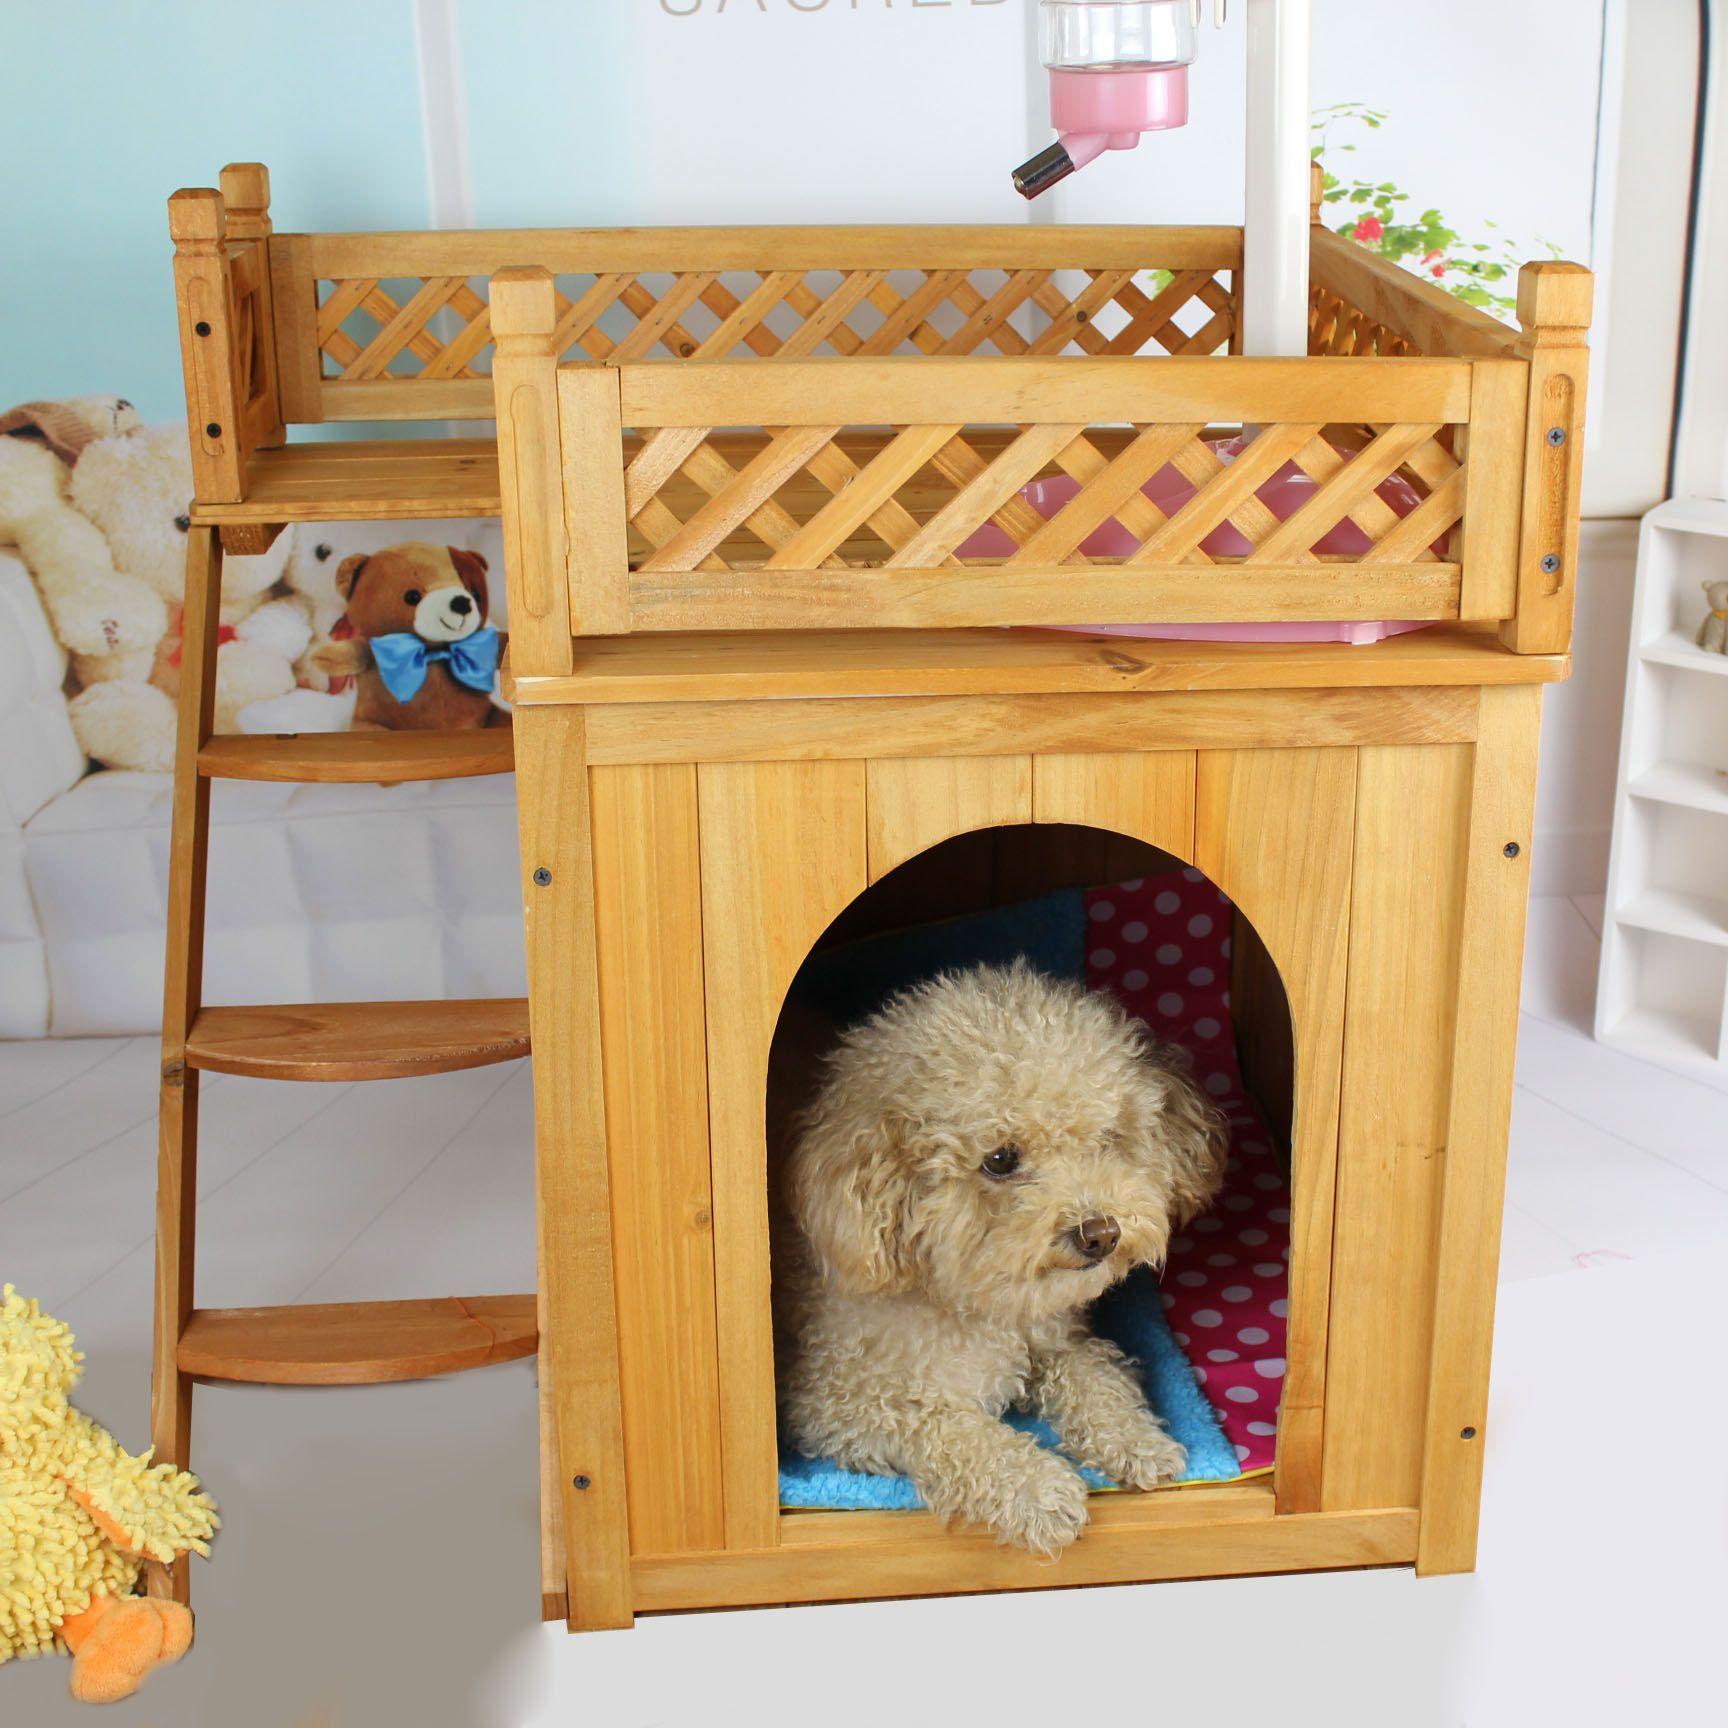 chenil nid d 39 animal de compagnie cage en bois log cabin chien petits chiens chat en peluche. Black Bedroom Furniture Sets. Home Design Ideas